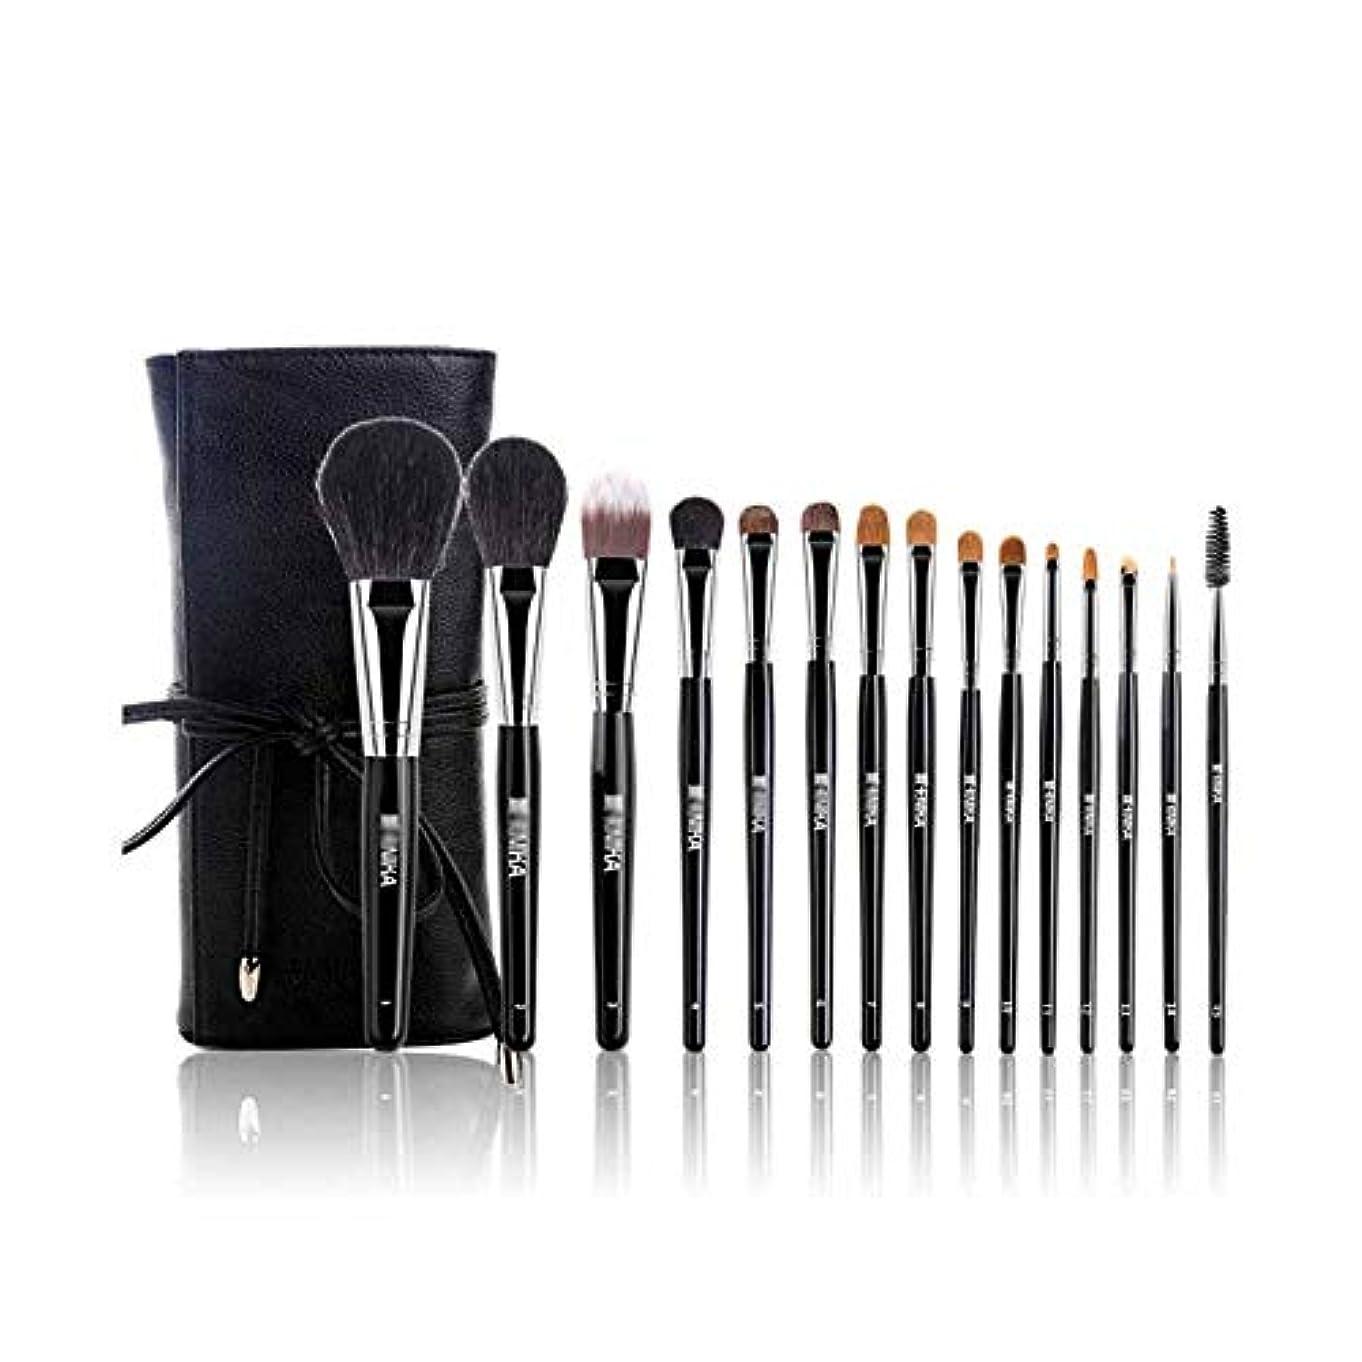 十年ハイブリッド風化粧ブラシ、10個の化粧ブラシセット、プロの化粧と初心者用化粧ツール、高品質の動物の毛、柔らかく快適 (Color : Black, Quantity : 15)